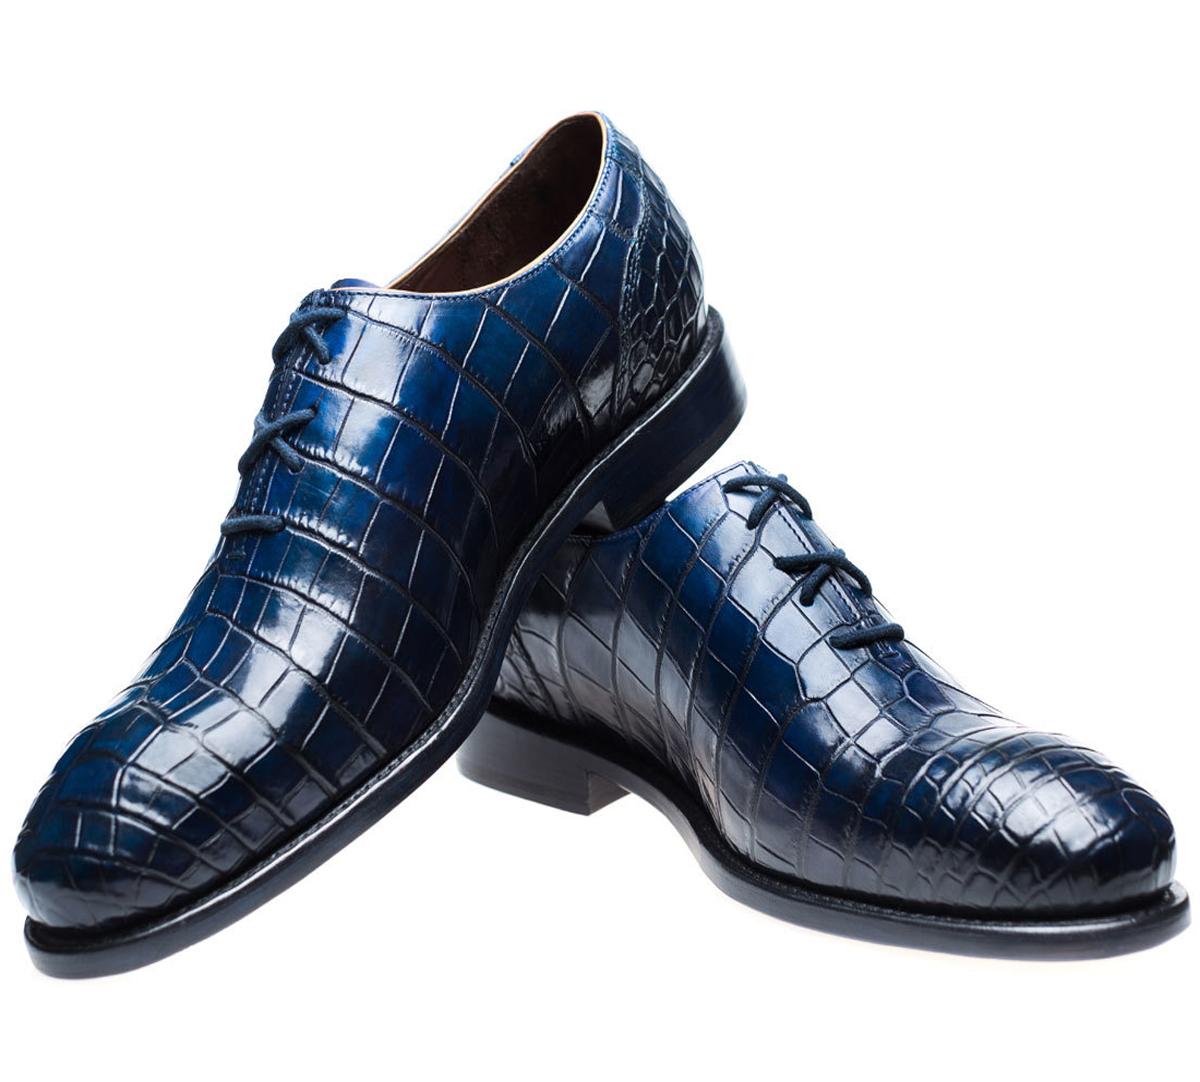 Ручной пошив обуви - только для тех, кто понимаети ценит эксклюзив!